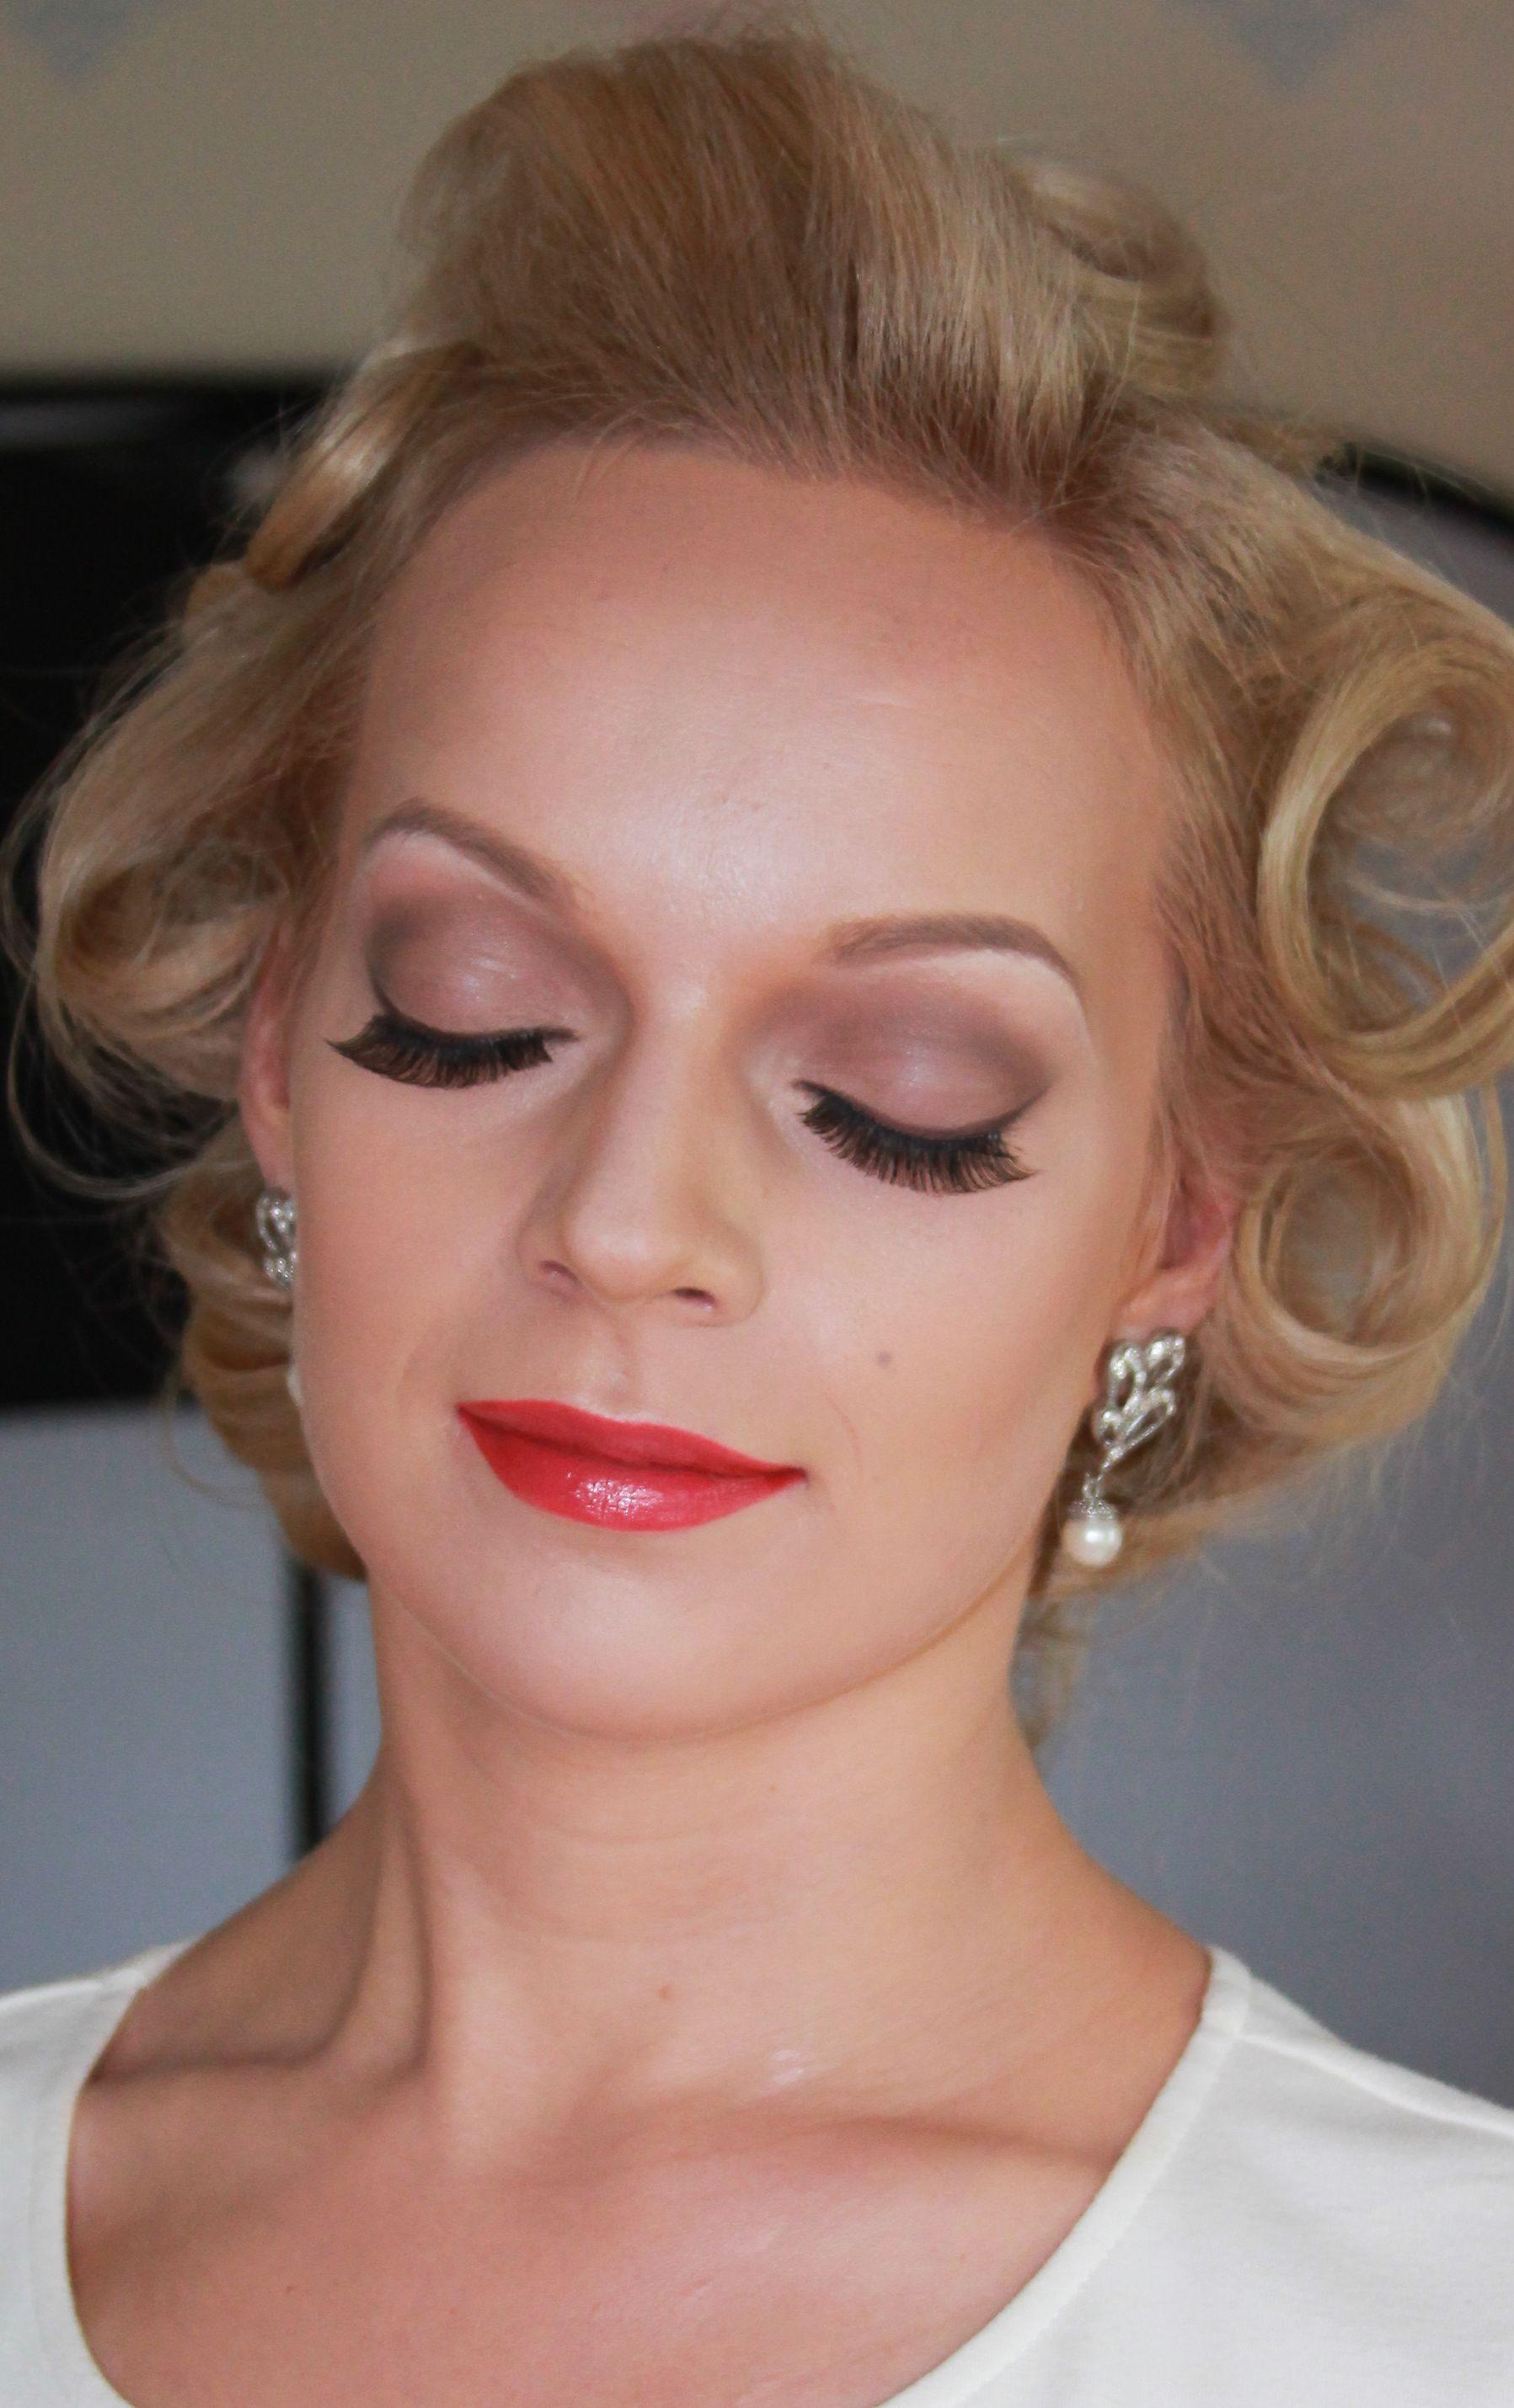 Marilyn Monroe Inspired Makeup ) Get the look 1. Prime